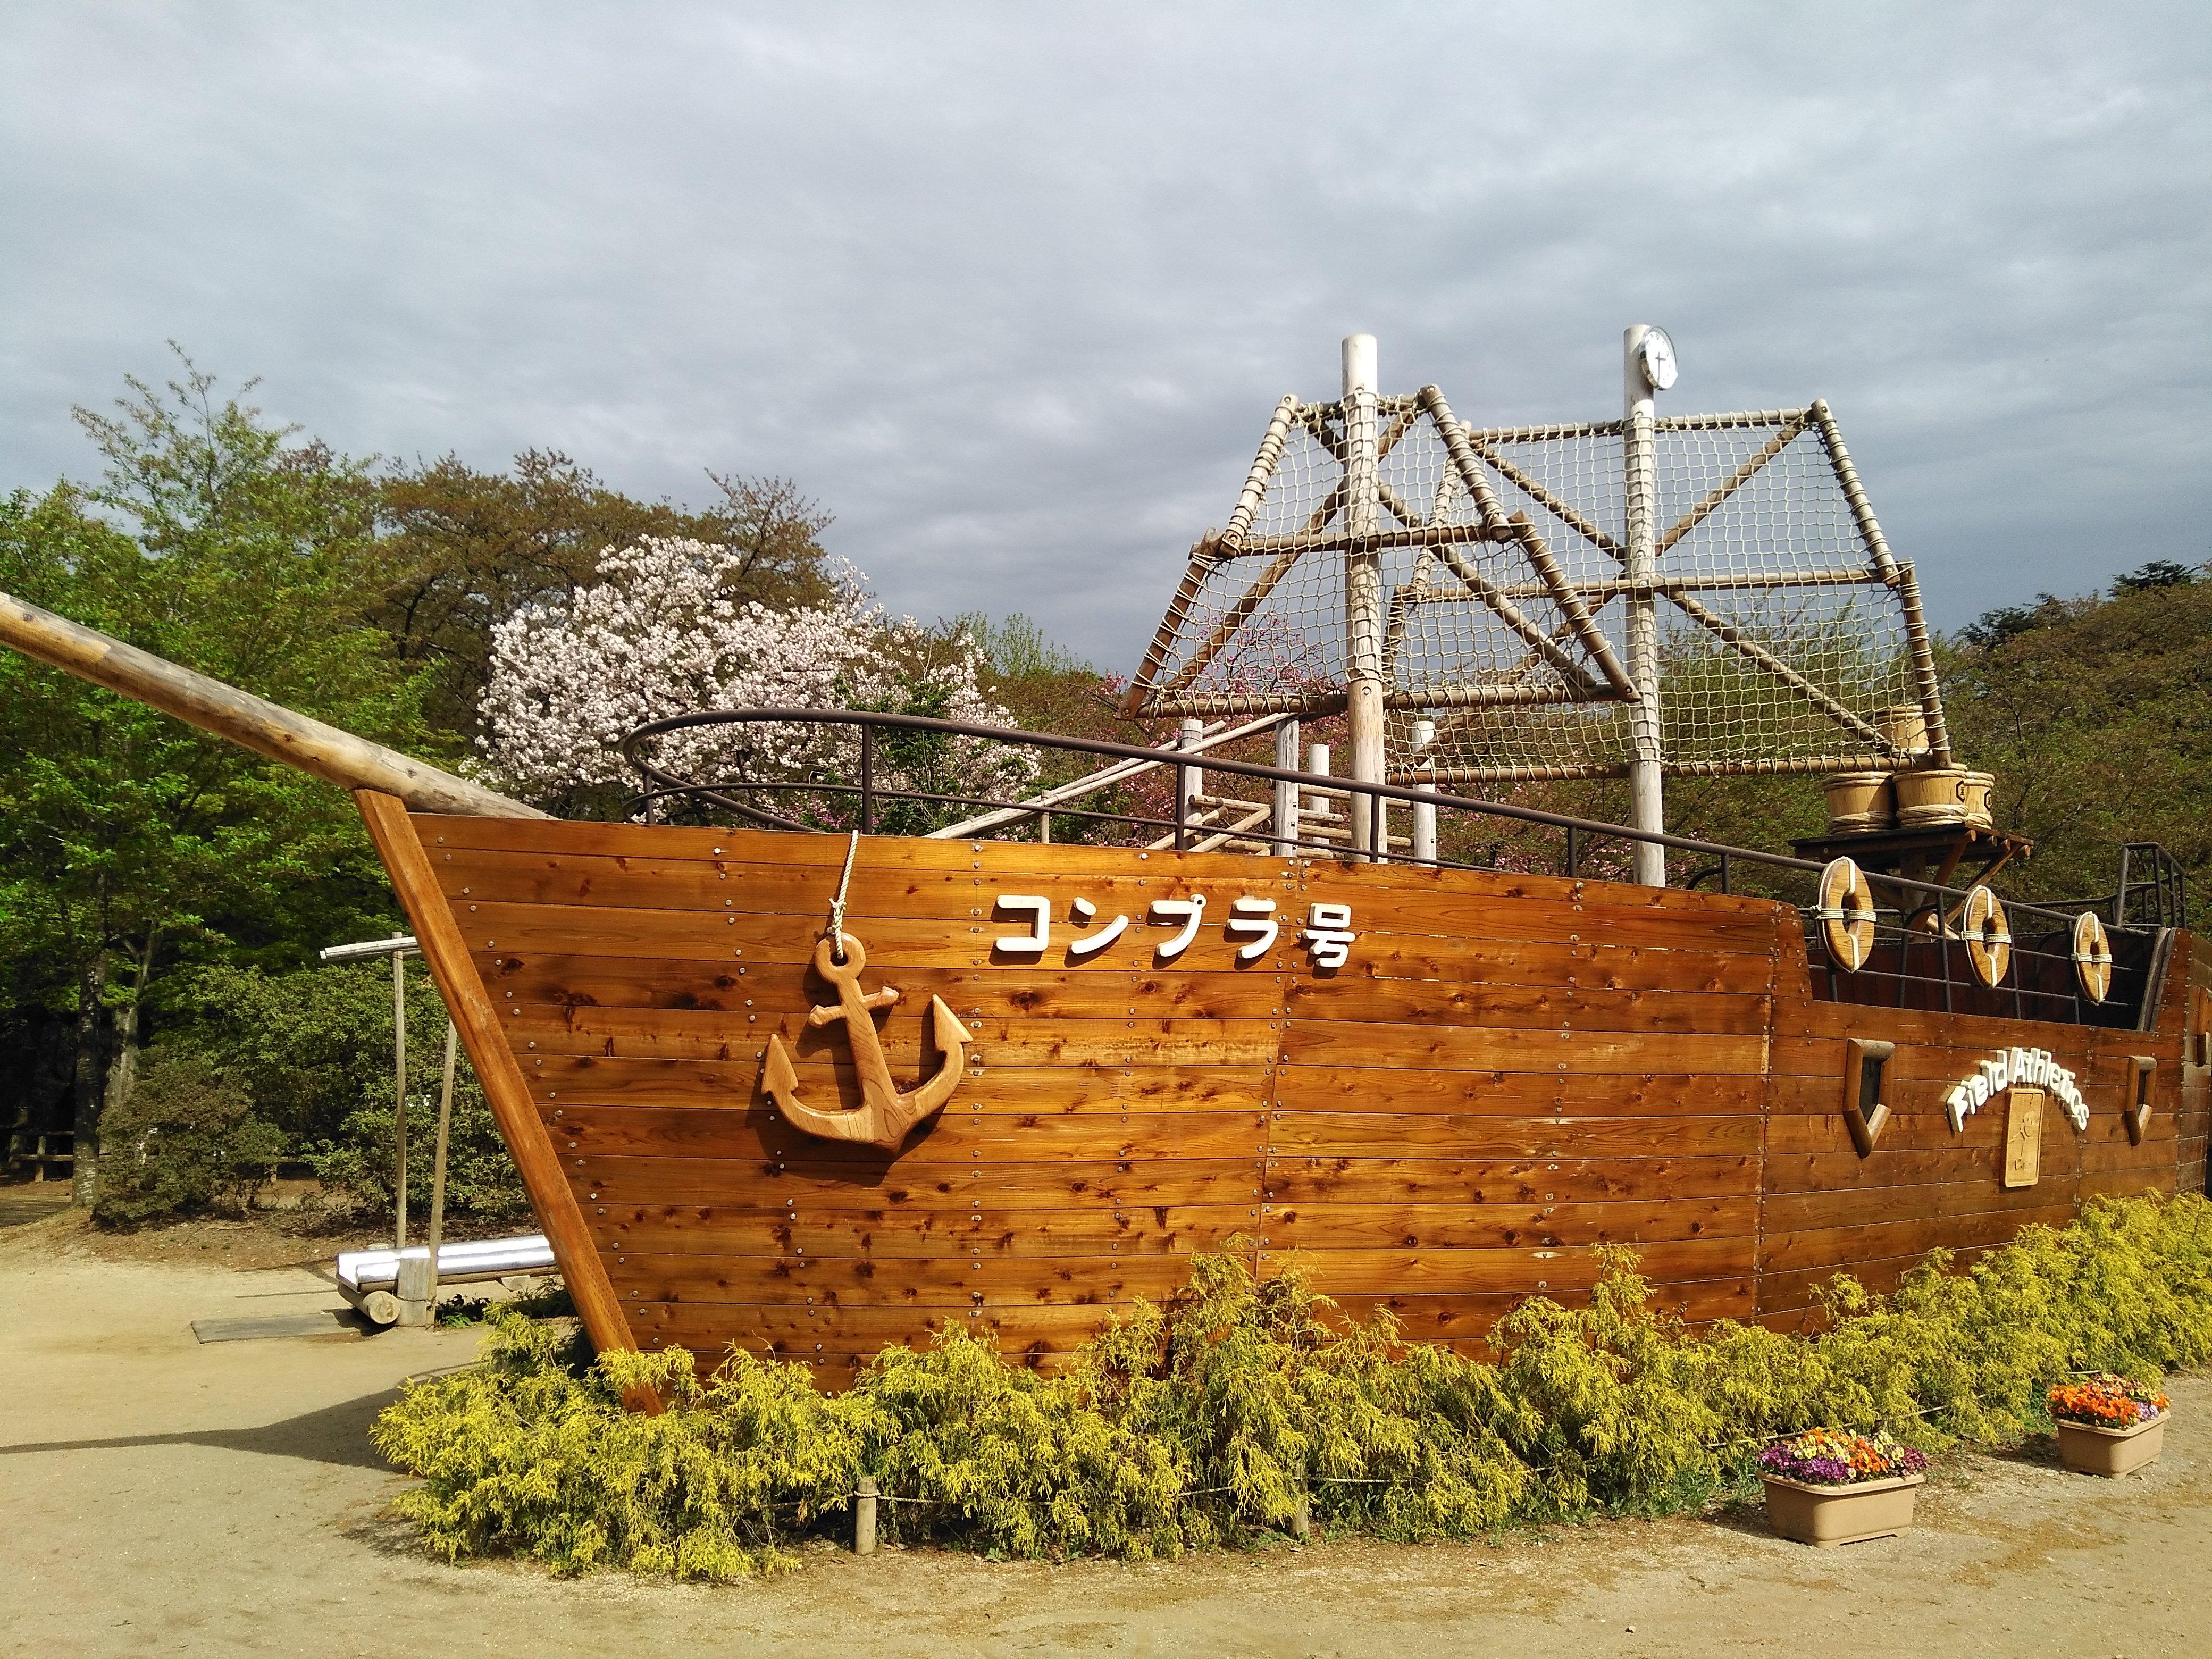 清水公園(千葉県野田市)